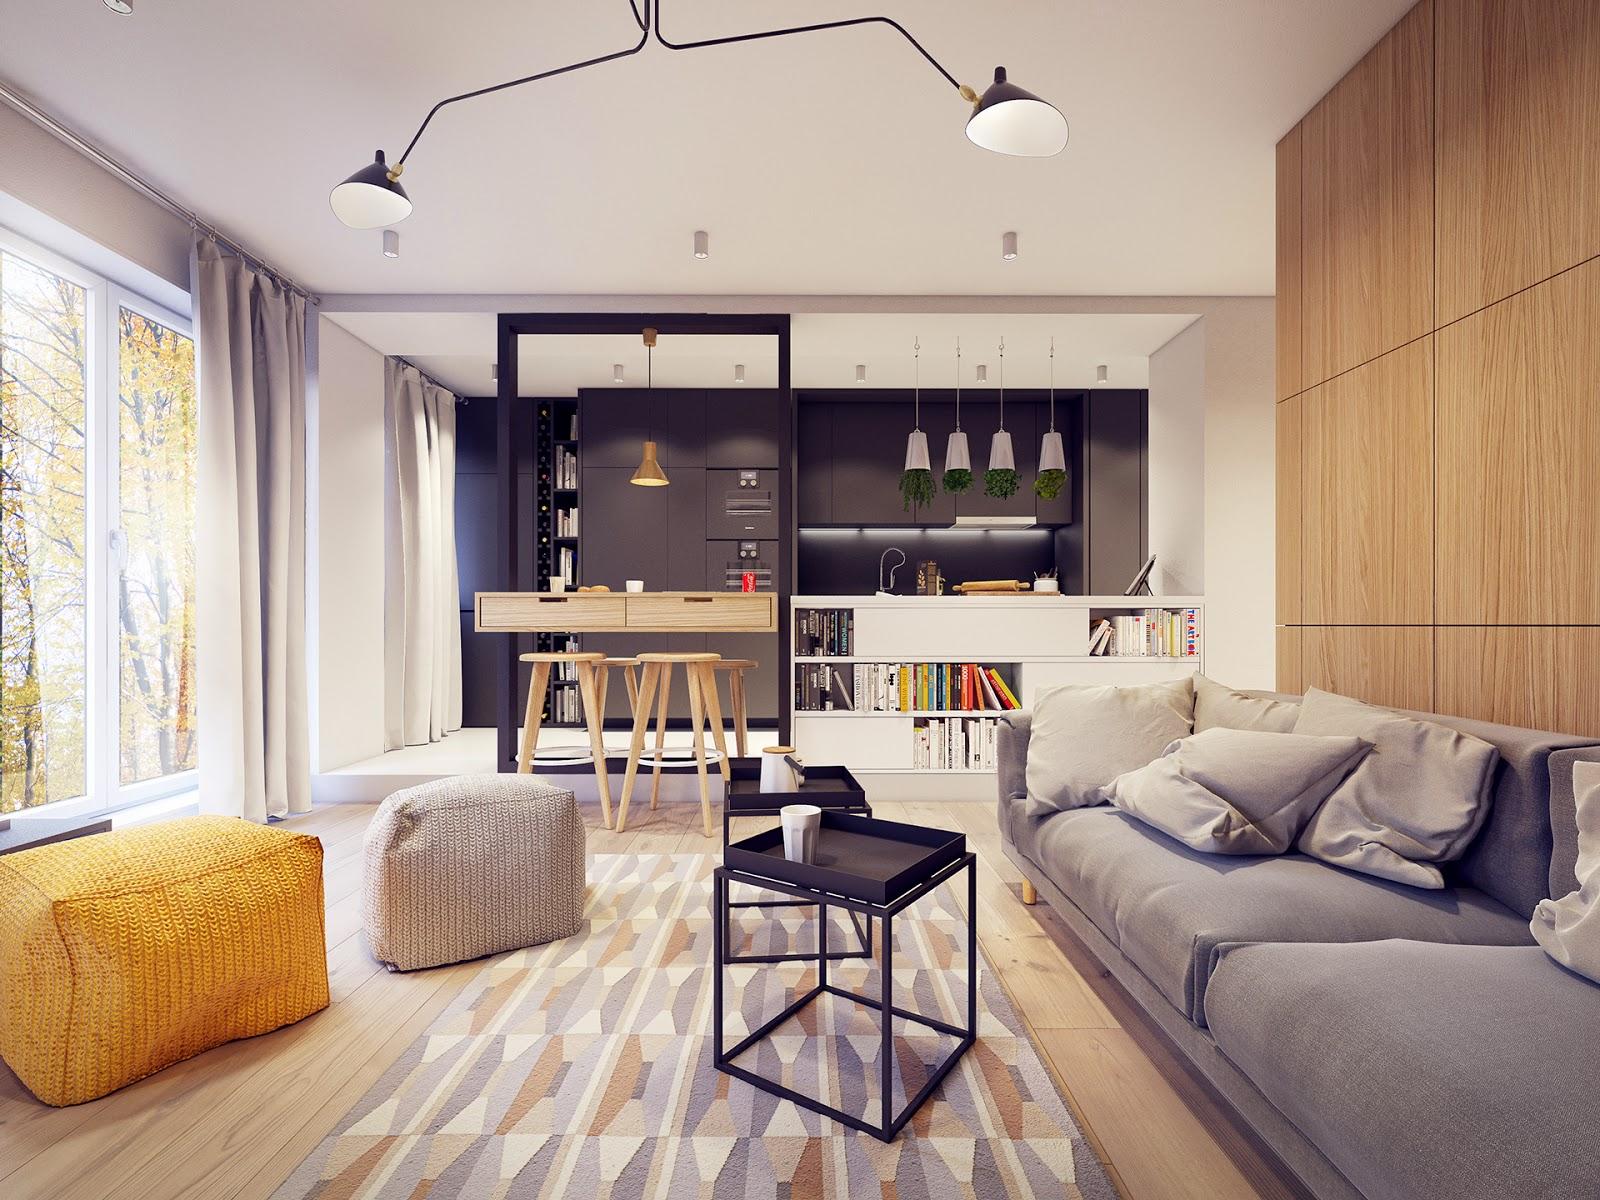 интерьер квартиры в стиле 60-х